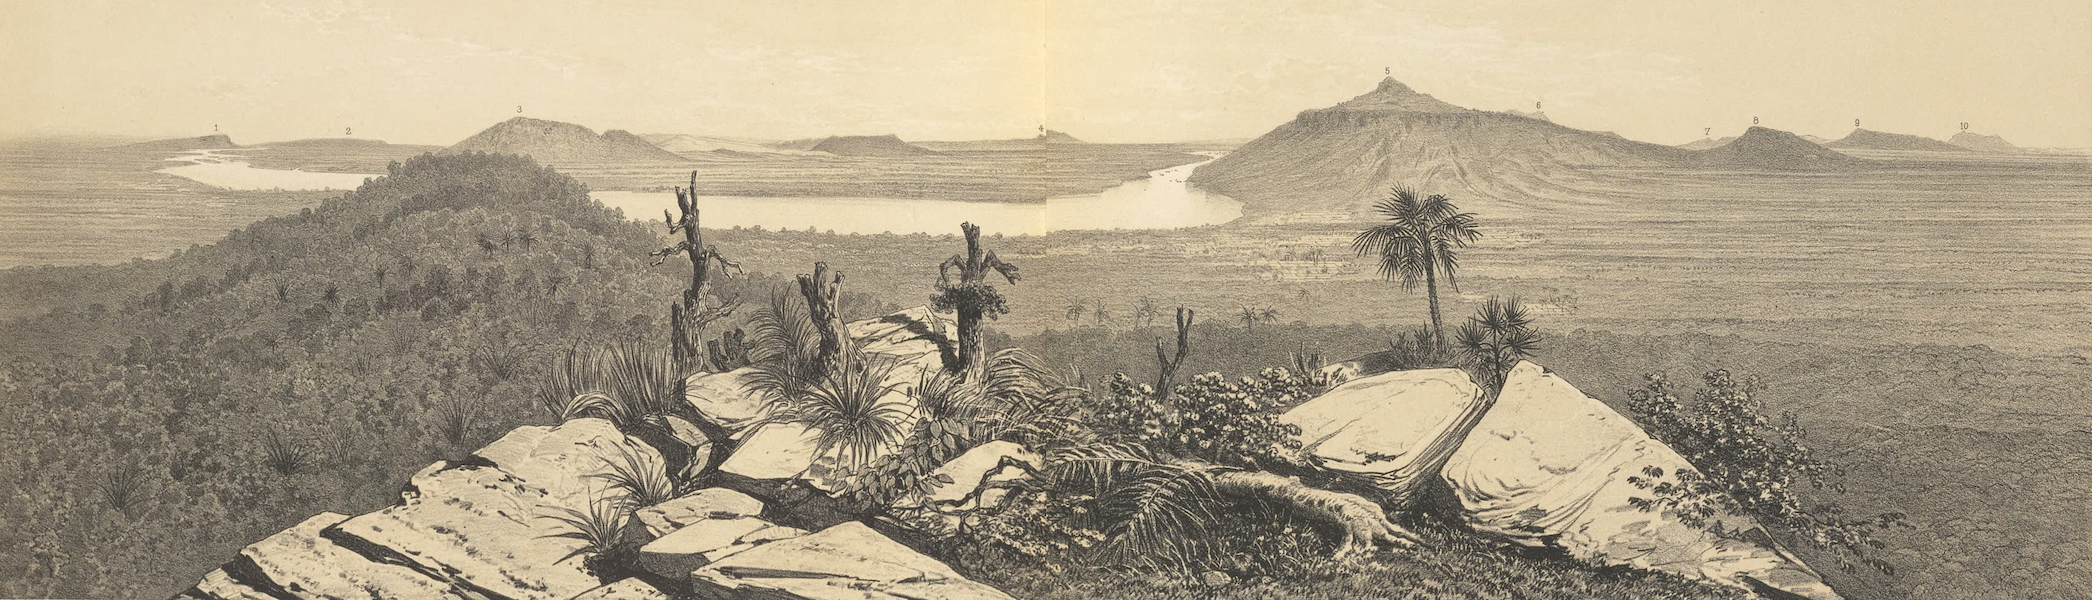 Voyage d'Exploration en Indo-Chine [Atlas-Vol. 1] - Panorama de la Vallee du Fleuve Pris du Sommet de Phou Salao (1873)